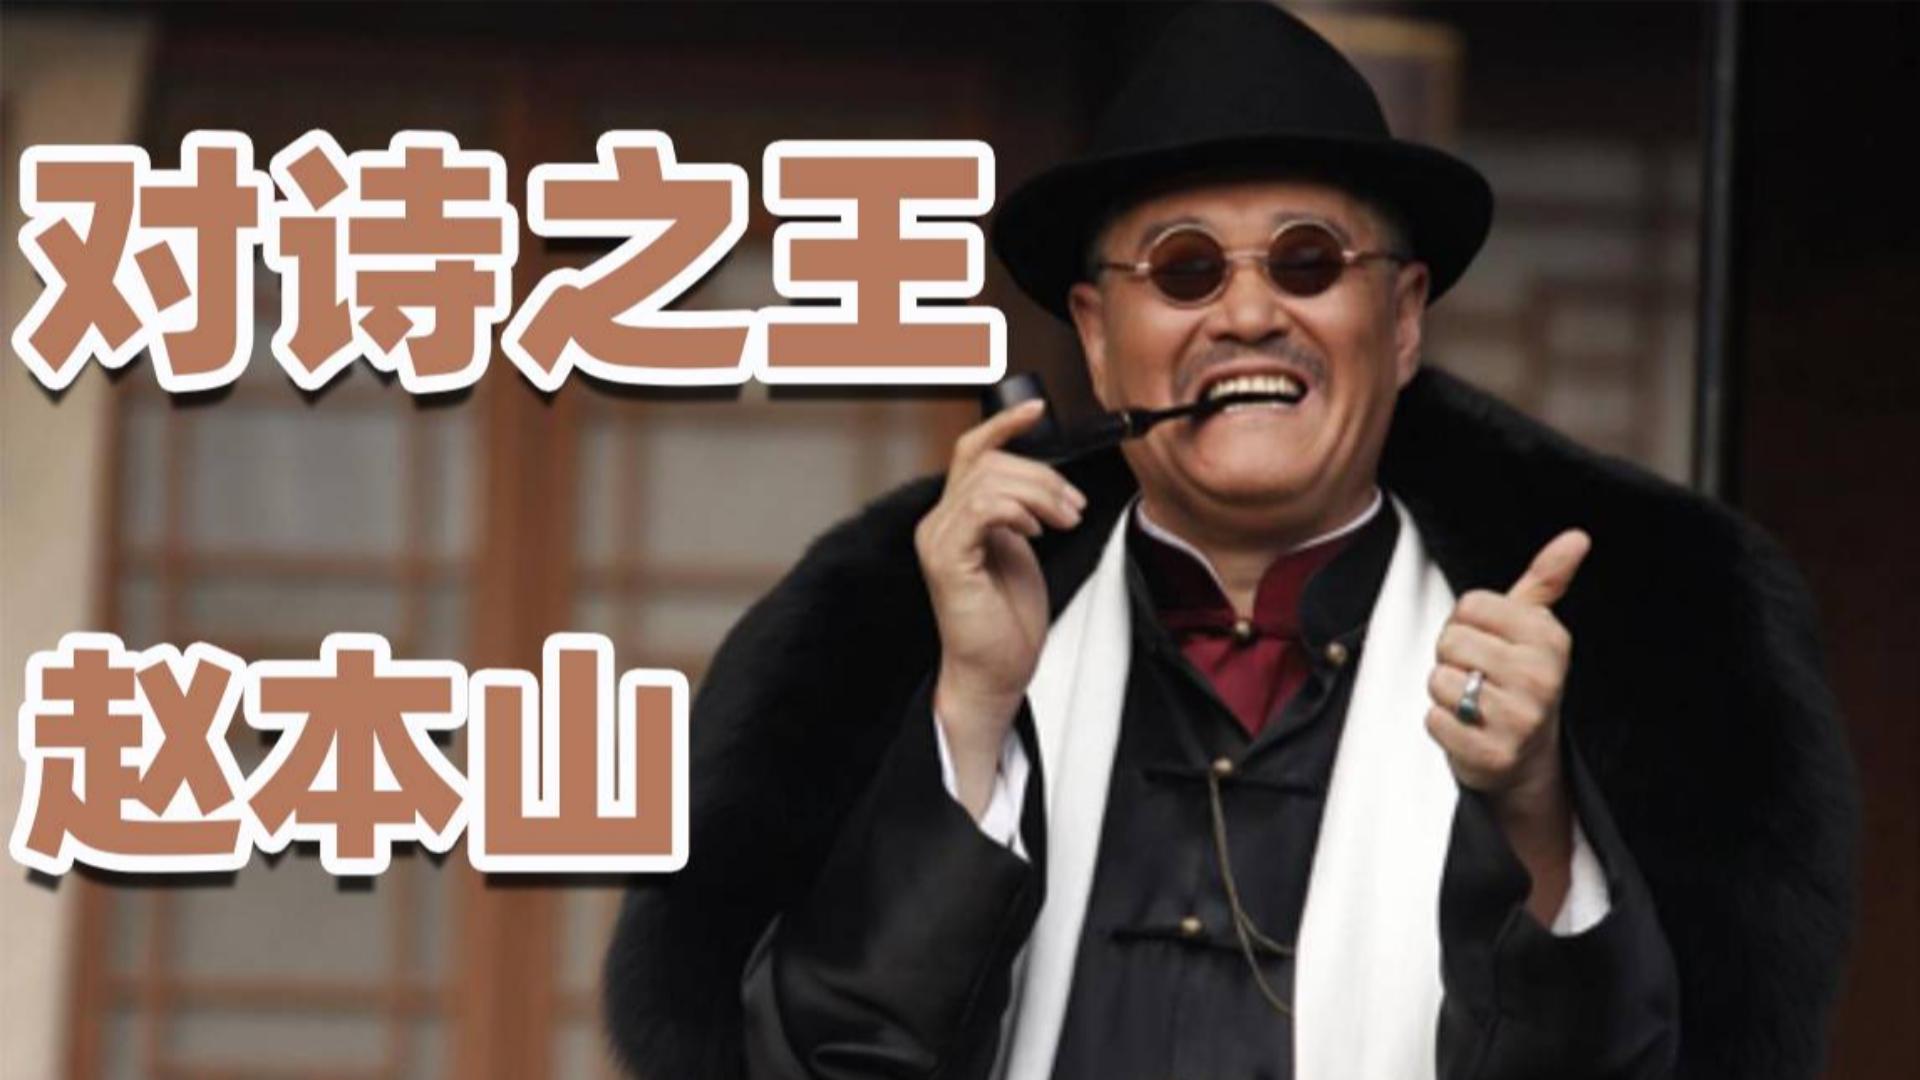 【赵本山】谁是对诗之王?